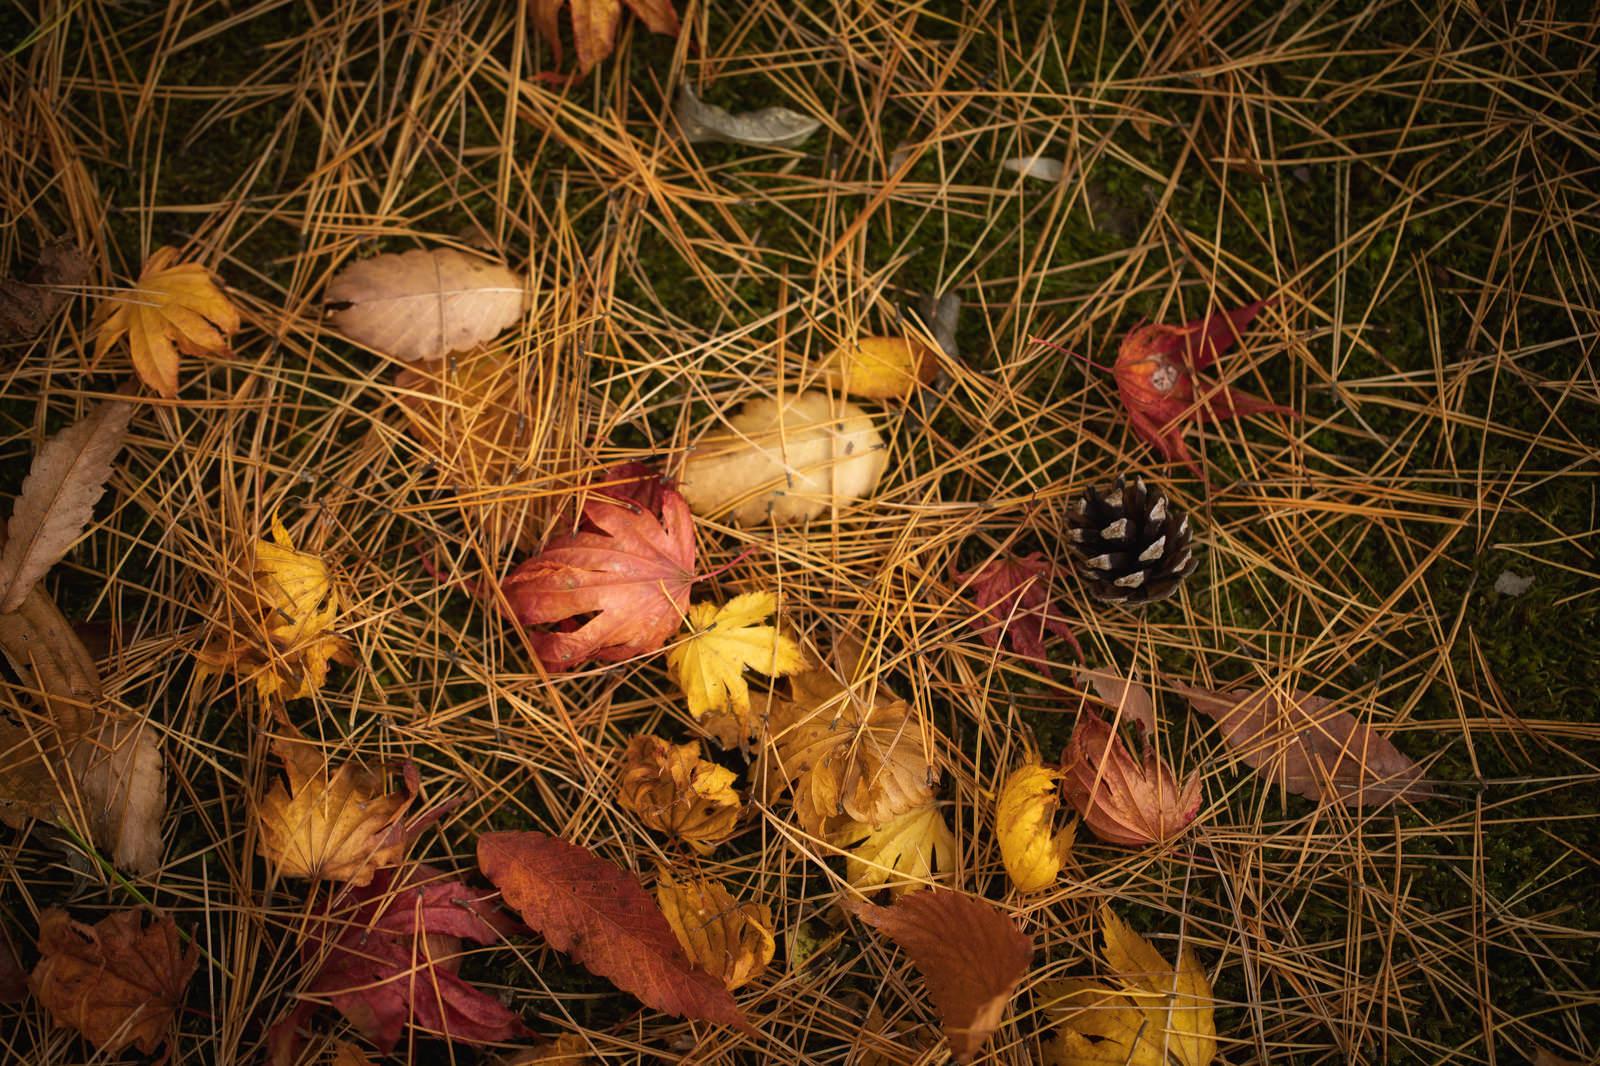 「針葉樹の種類の落ち葉」の写真